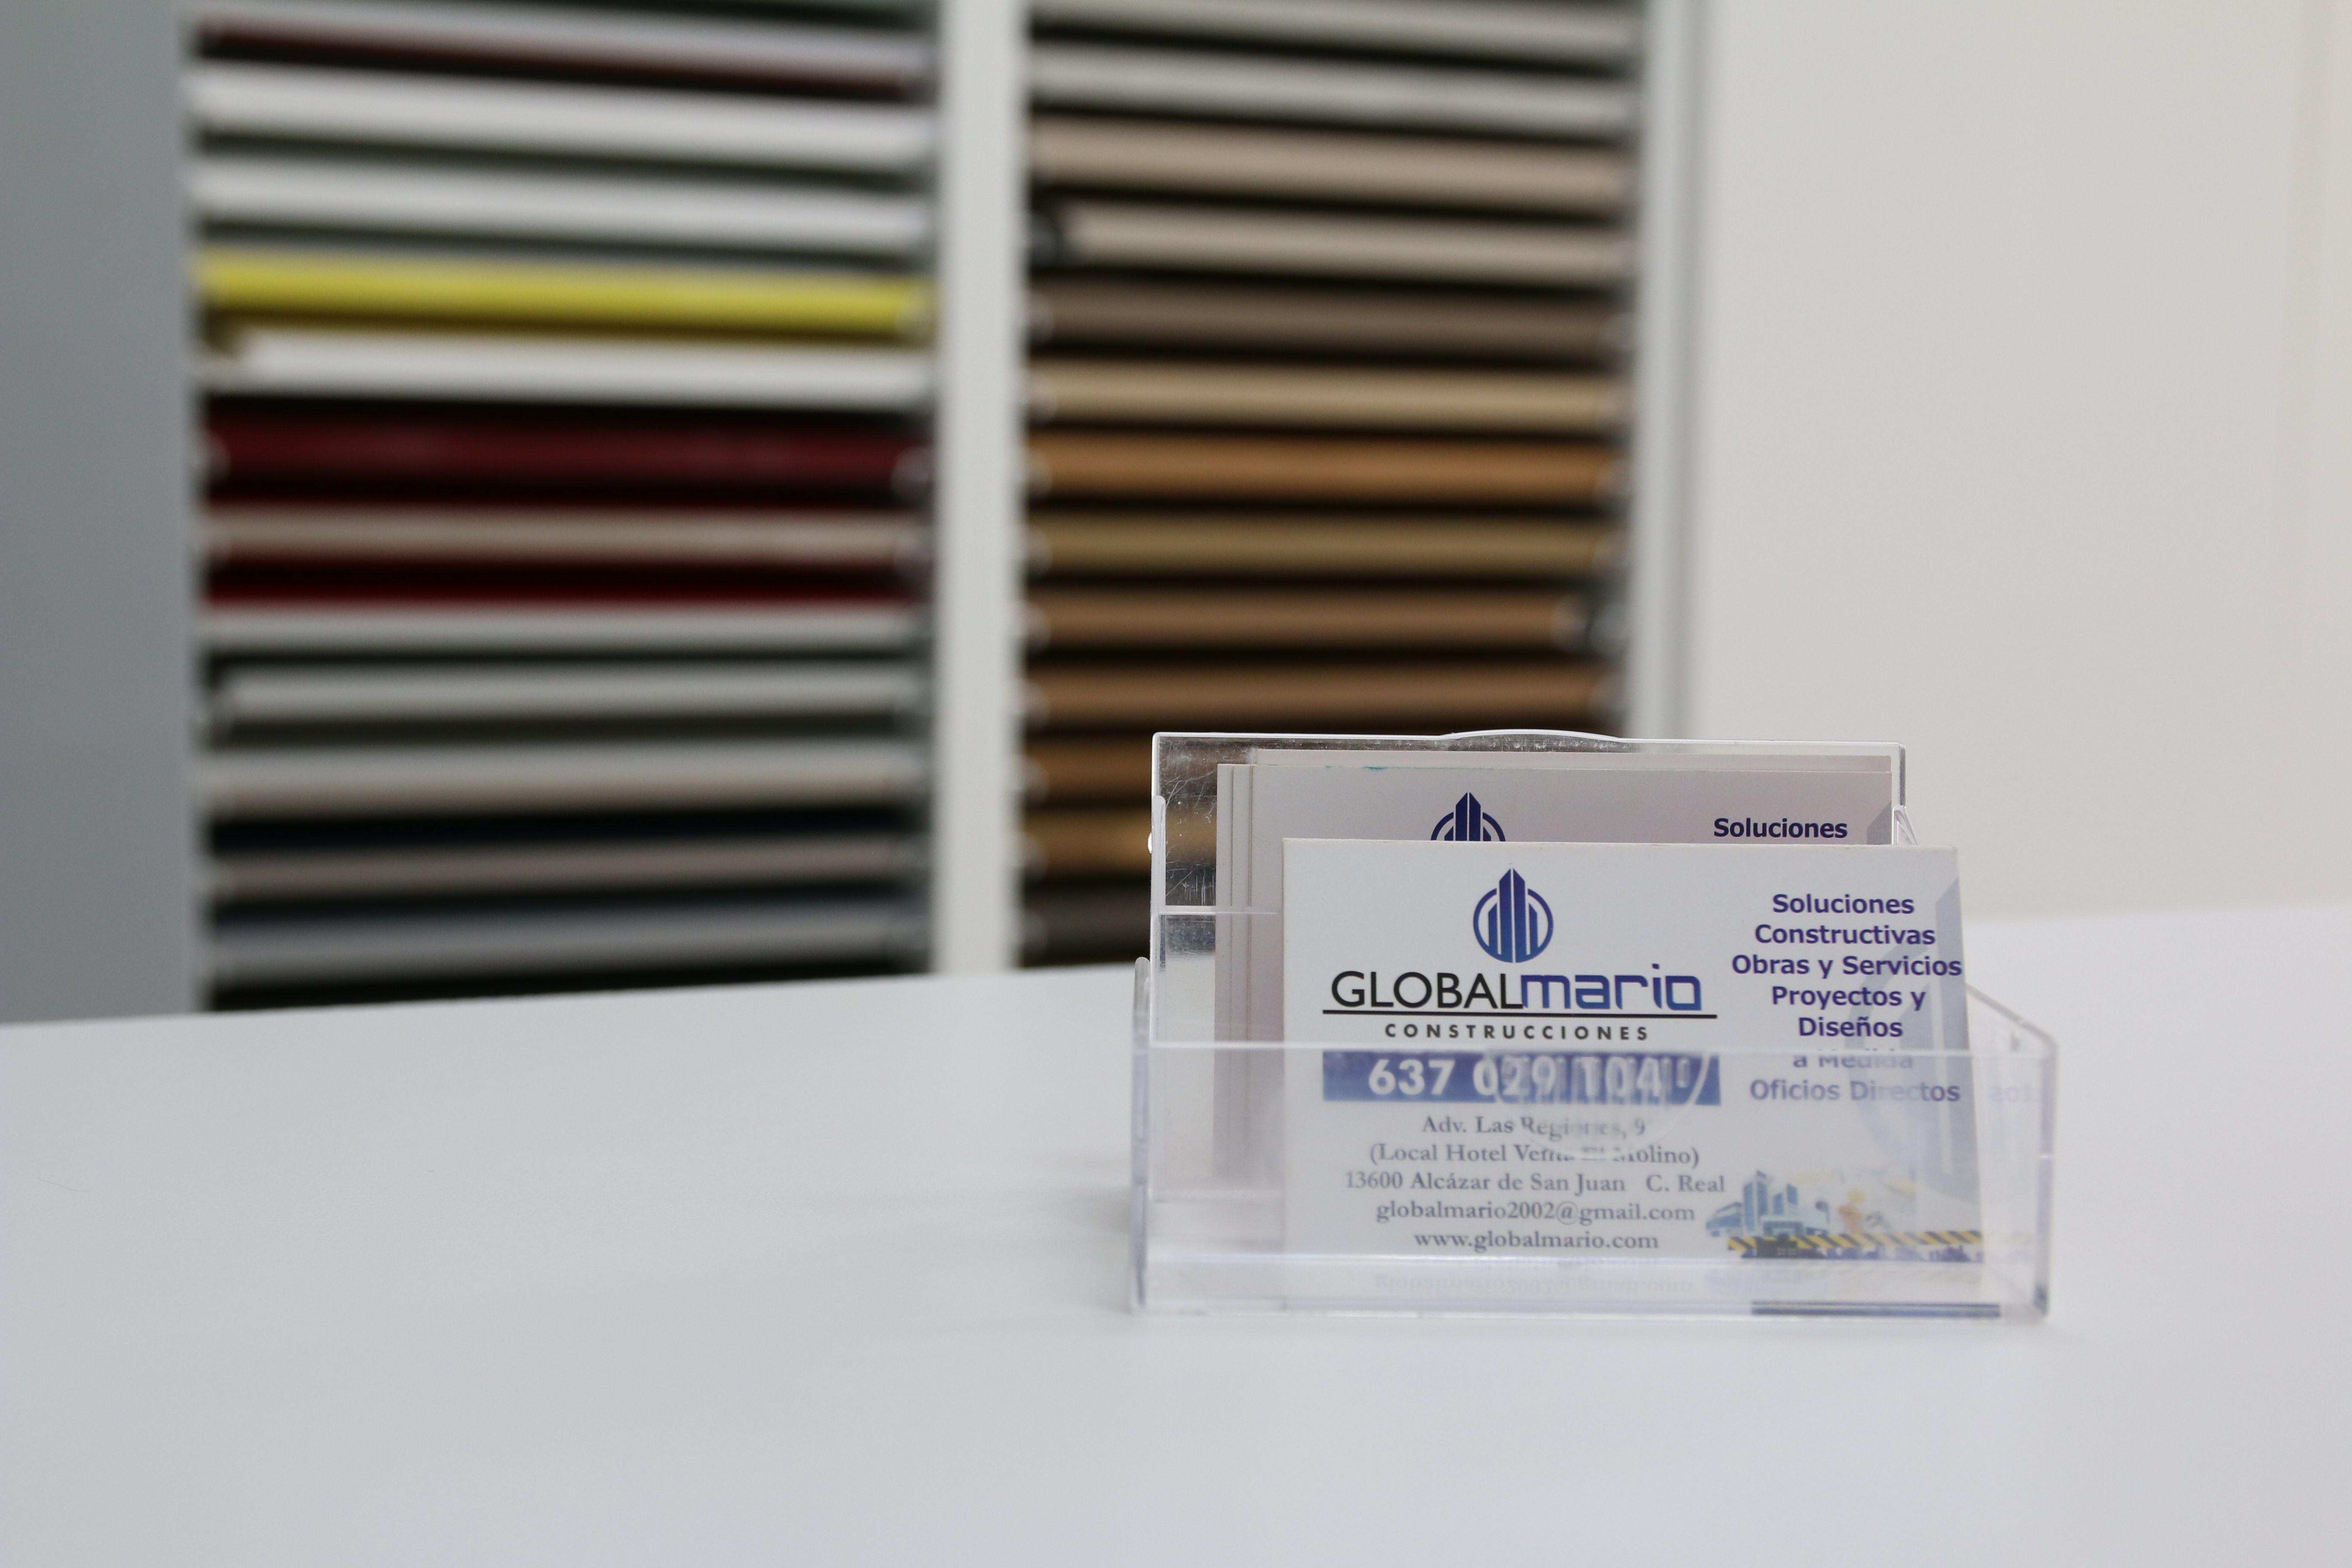 Global Mario empresa de reformas en Alcázar de San Juan